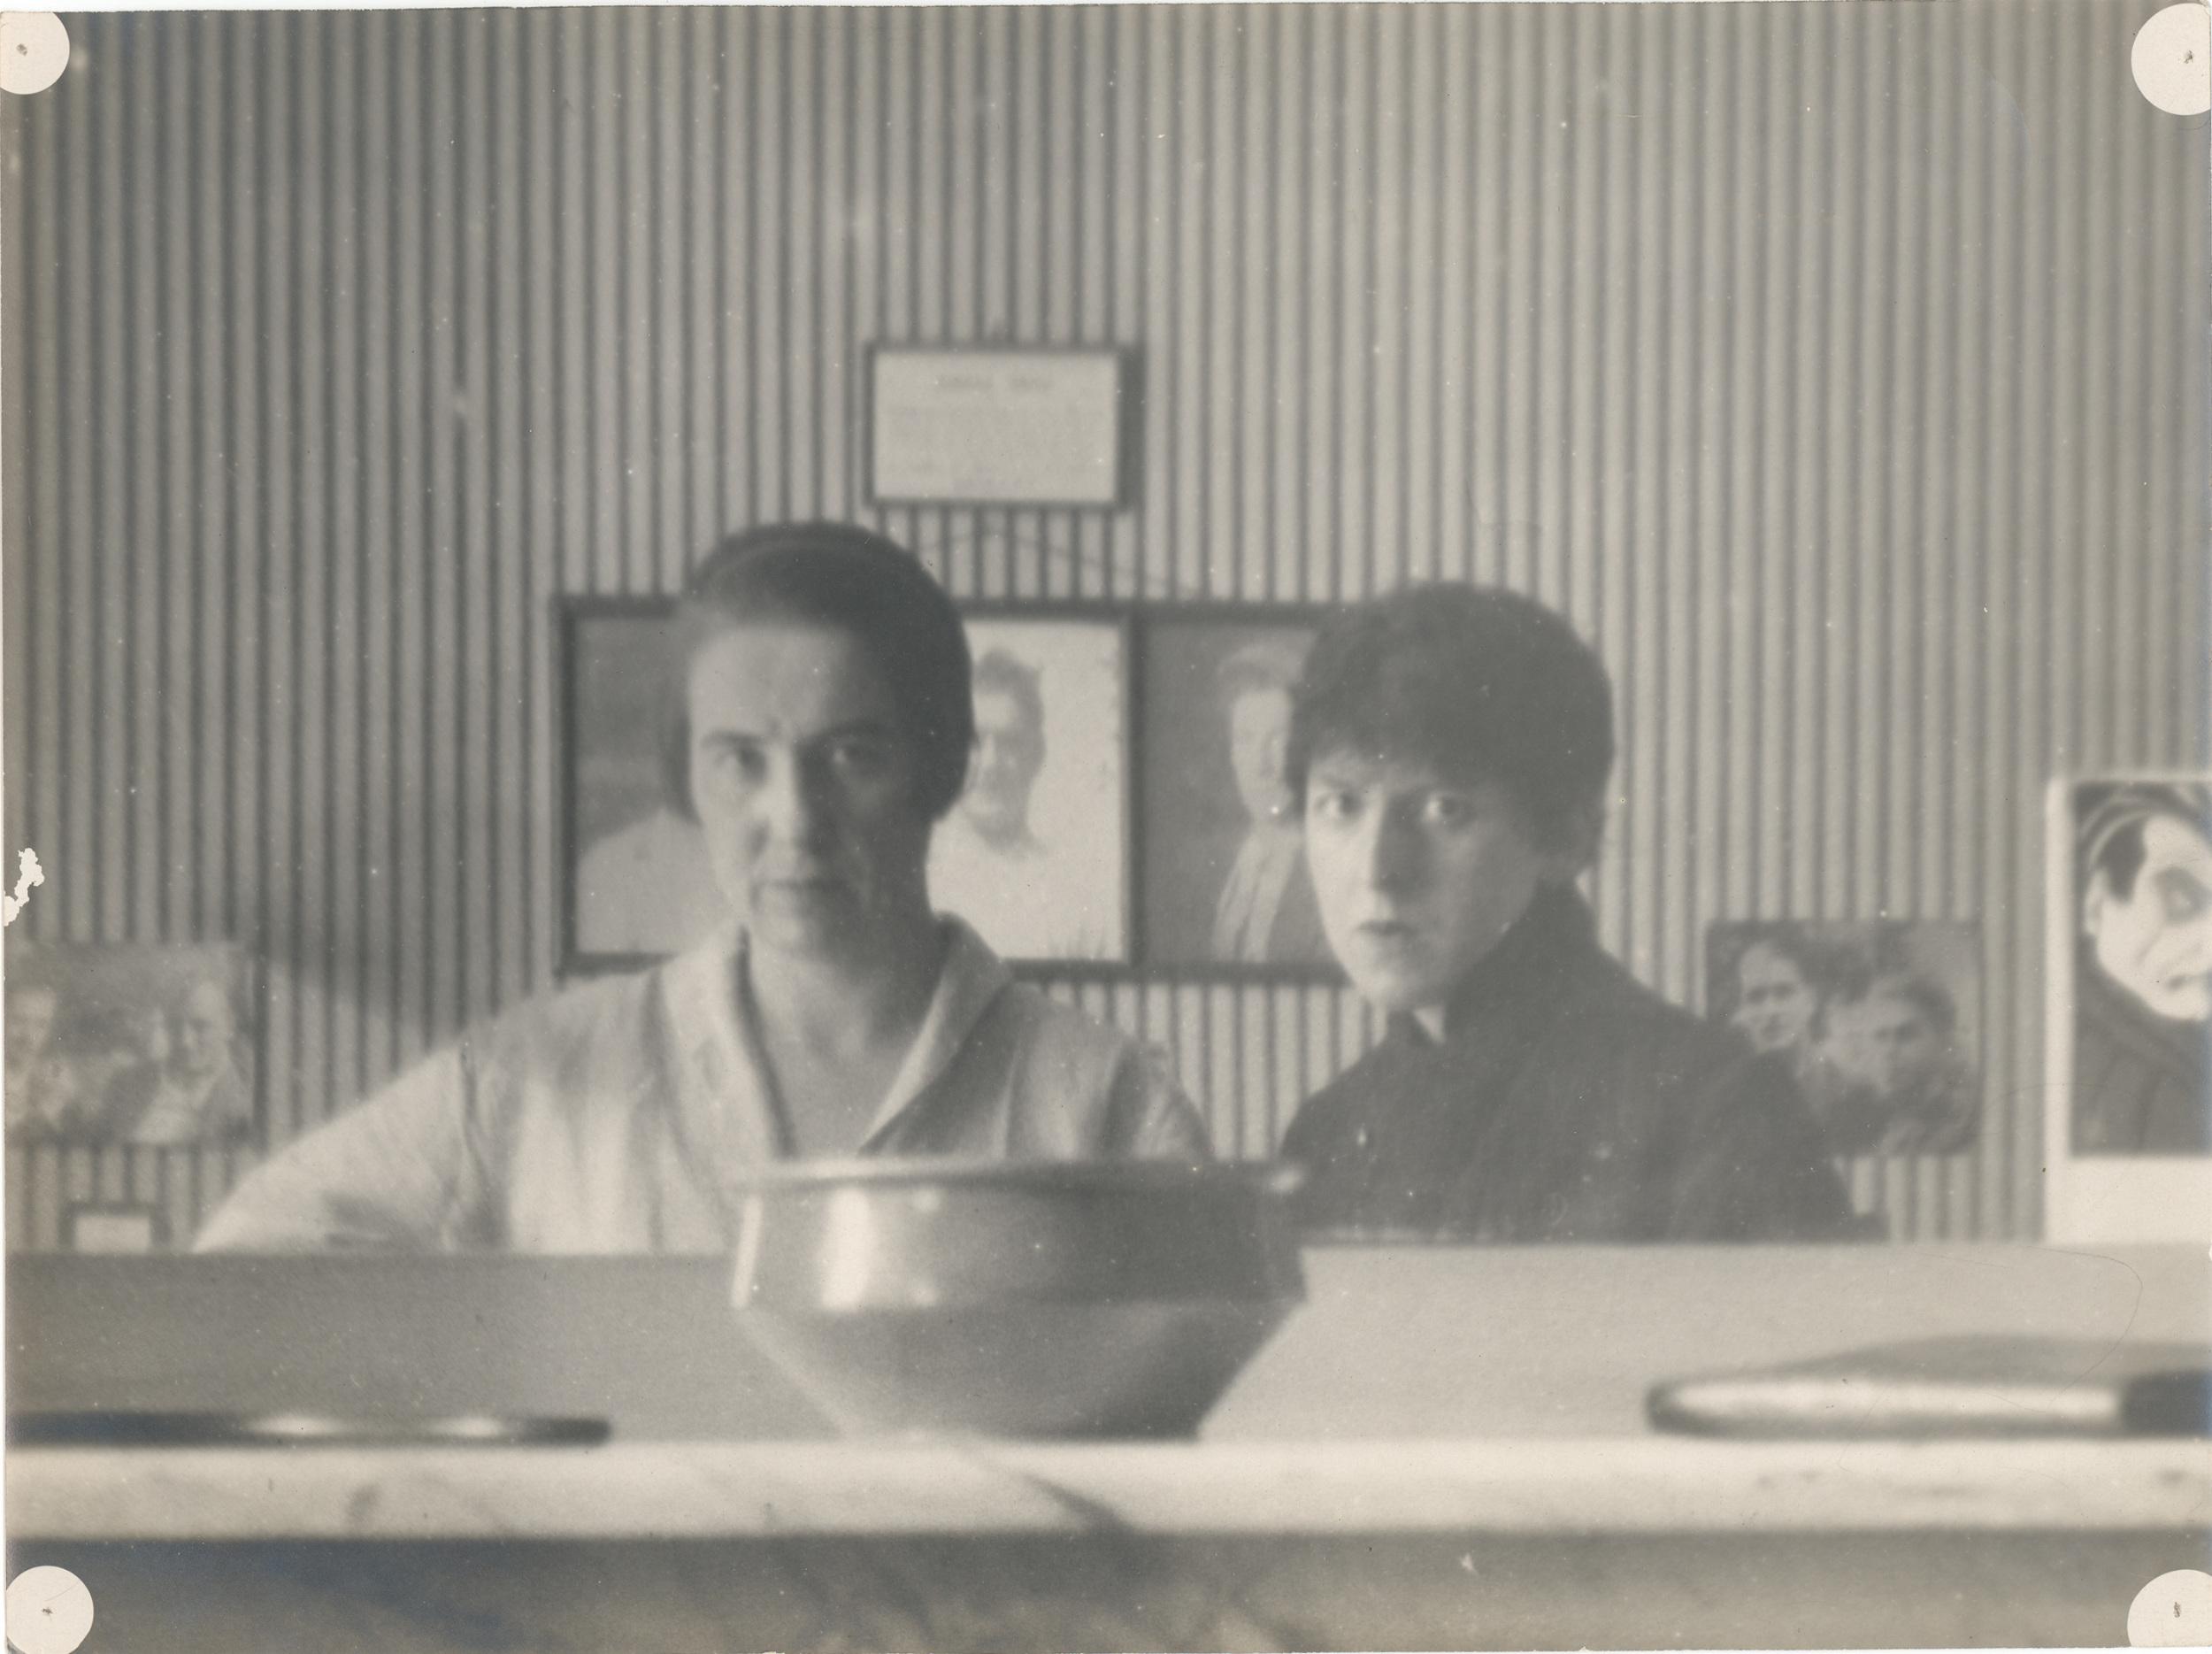 Κλοντ Καχούν και Μαρσέλ Μουρ